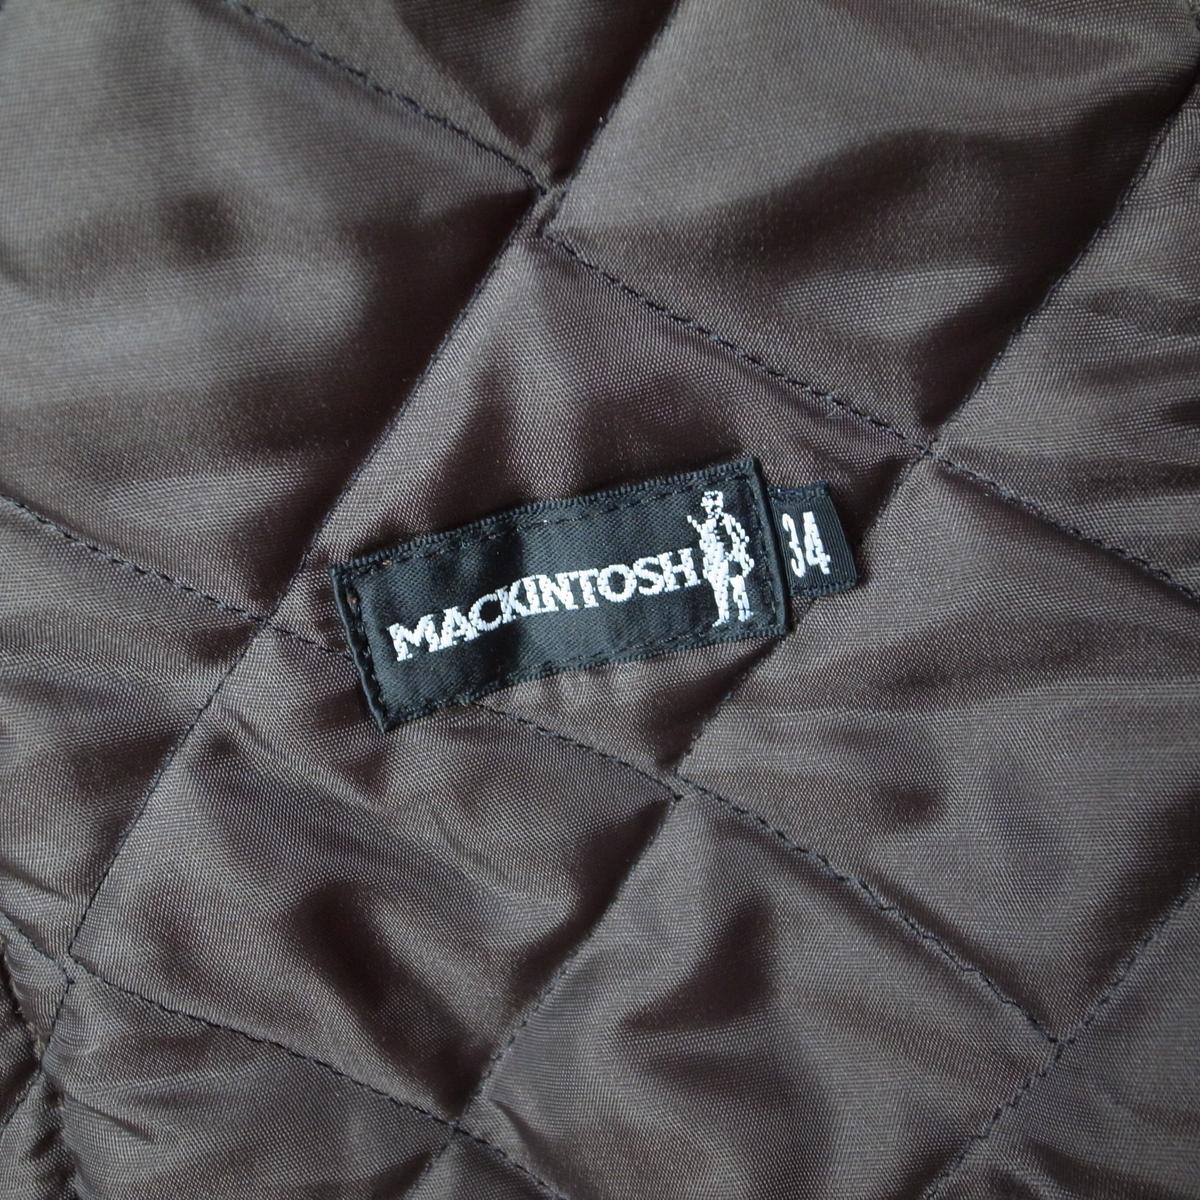 MACKINTOSH マッキントッシュ キルティングジャケット 34 コート スコットランド製_画像4